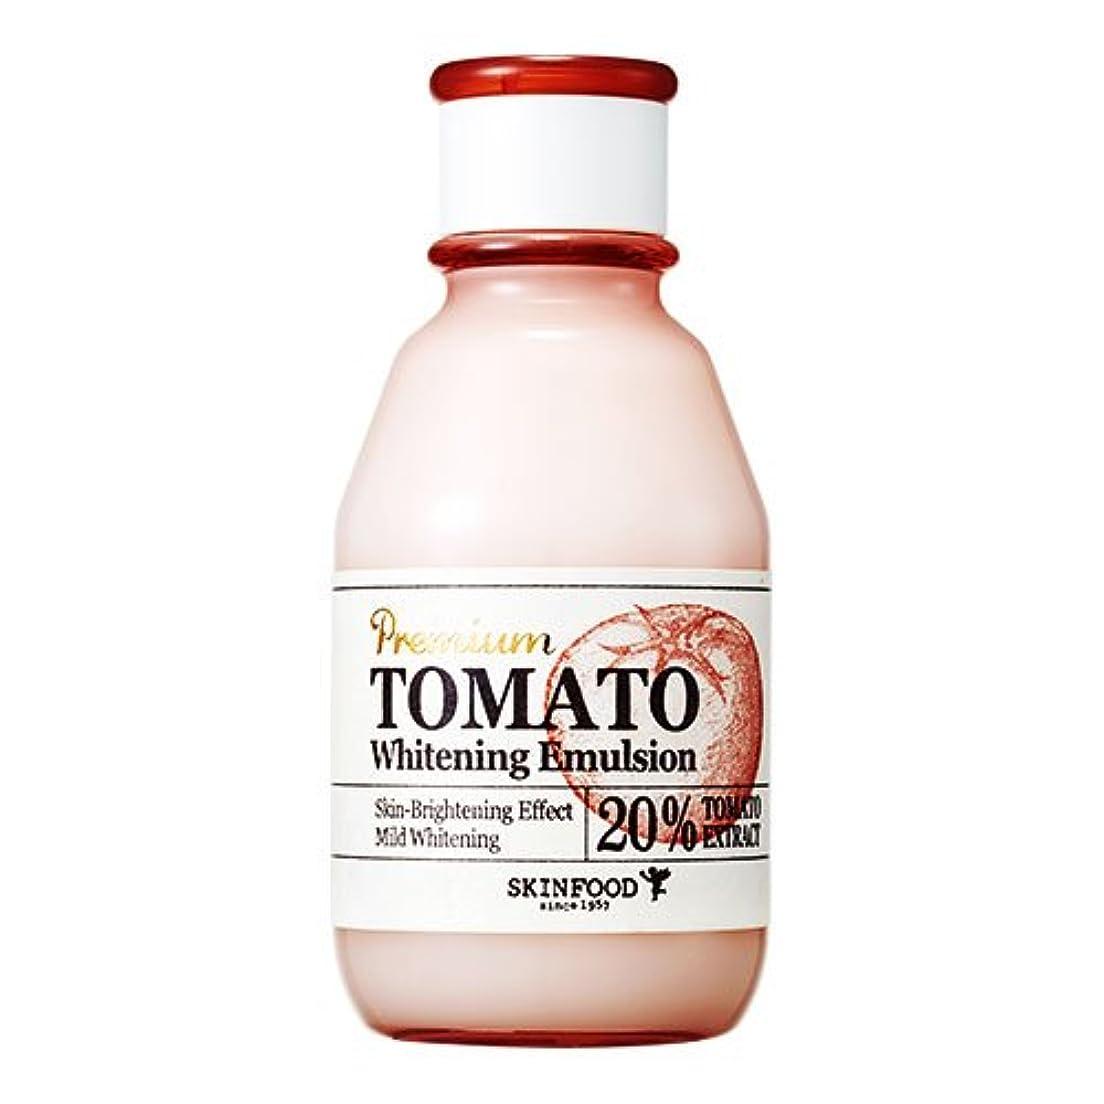 チョコレート裸キャプチャー[スキンフード] SKINFOOD プレミアムトマトホワイトニングエマルジョン Premium Tomato Whitening Emulsion (海外直送品) [並行輸入品]